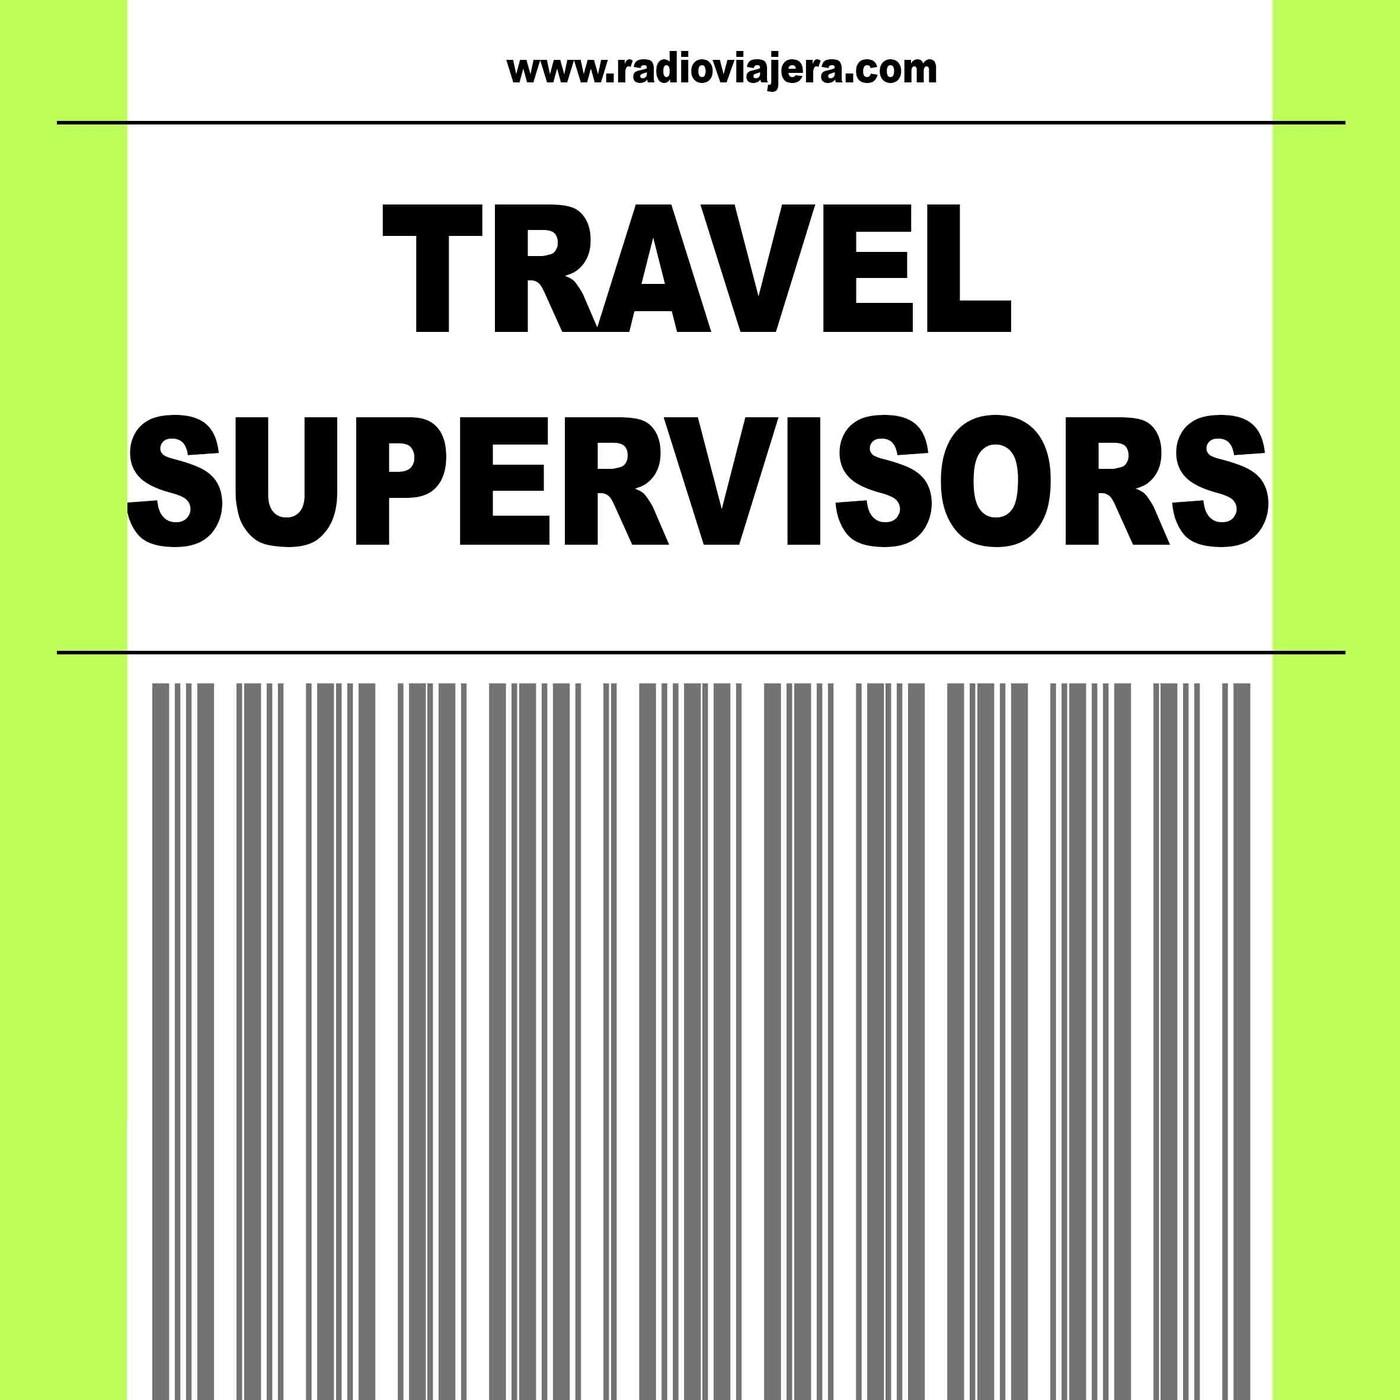 TravelSupervisors 2x07 - La ruta de viajes malditos